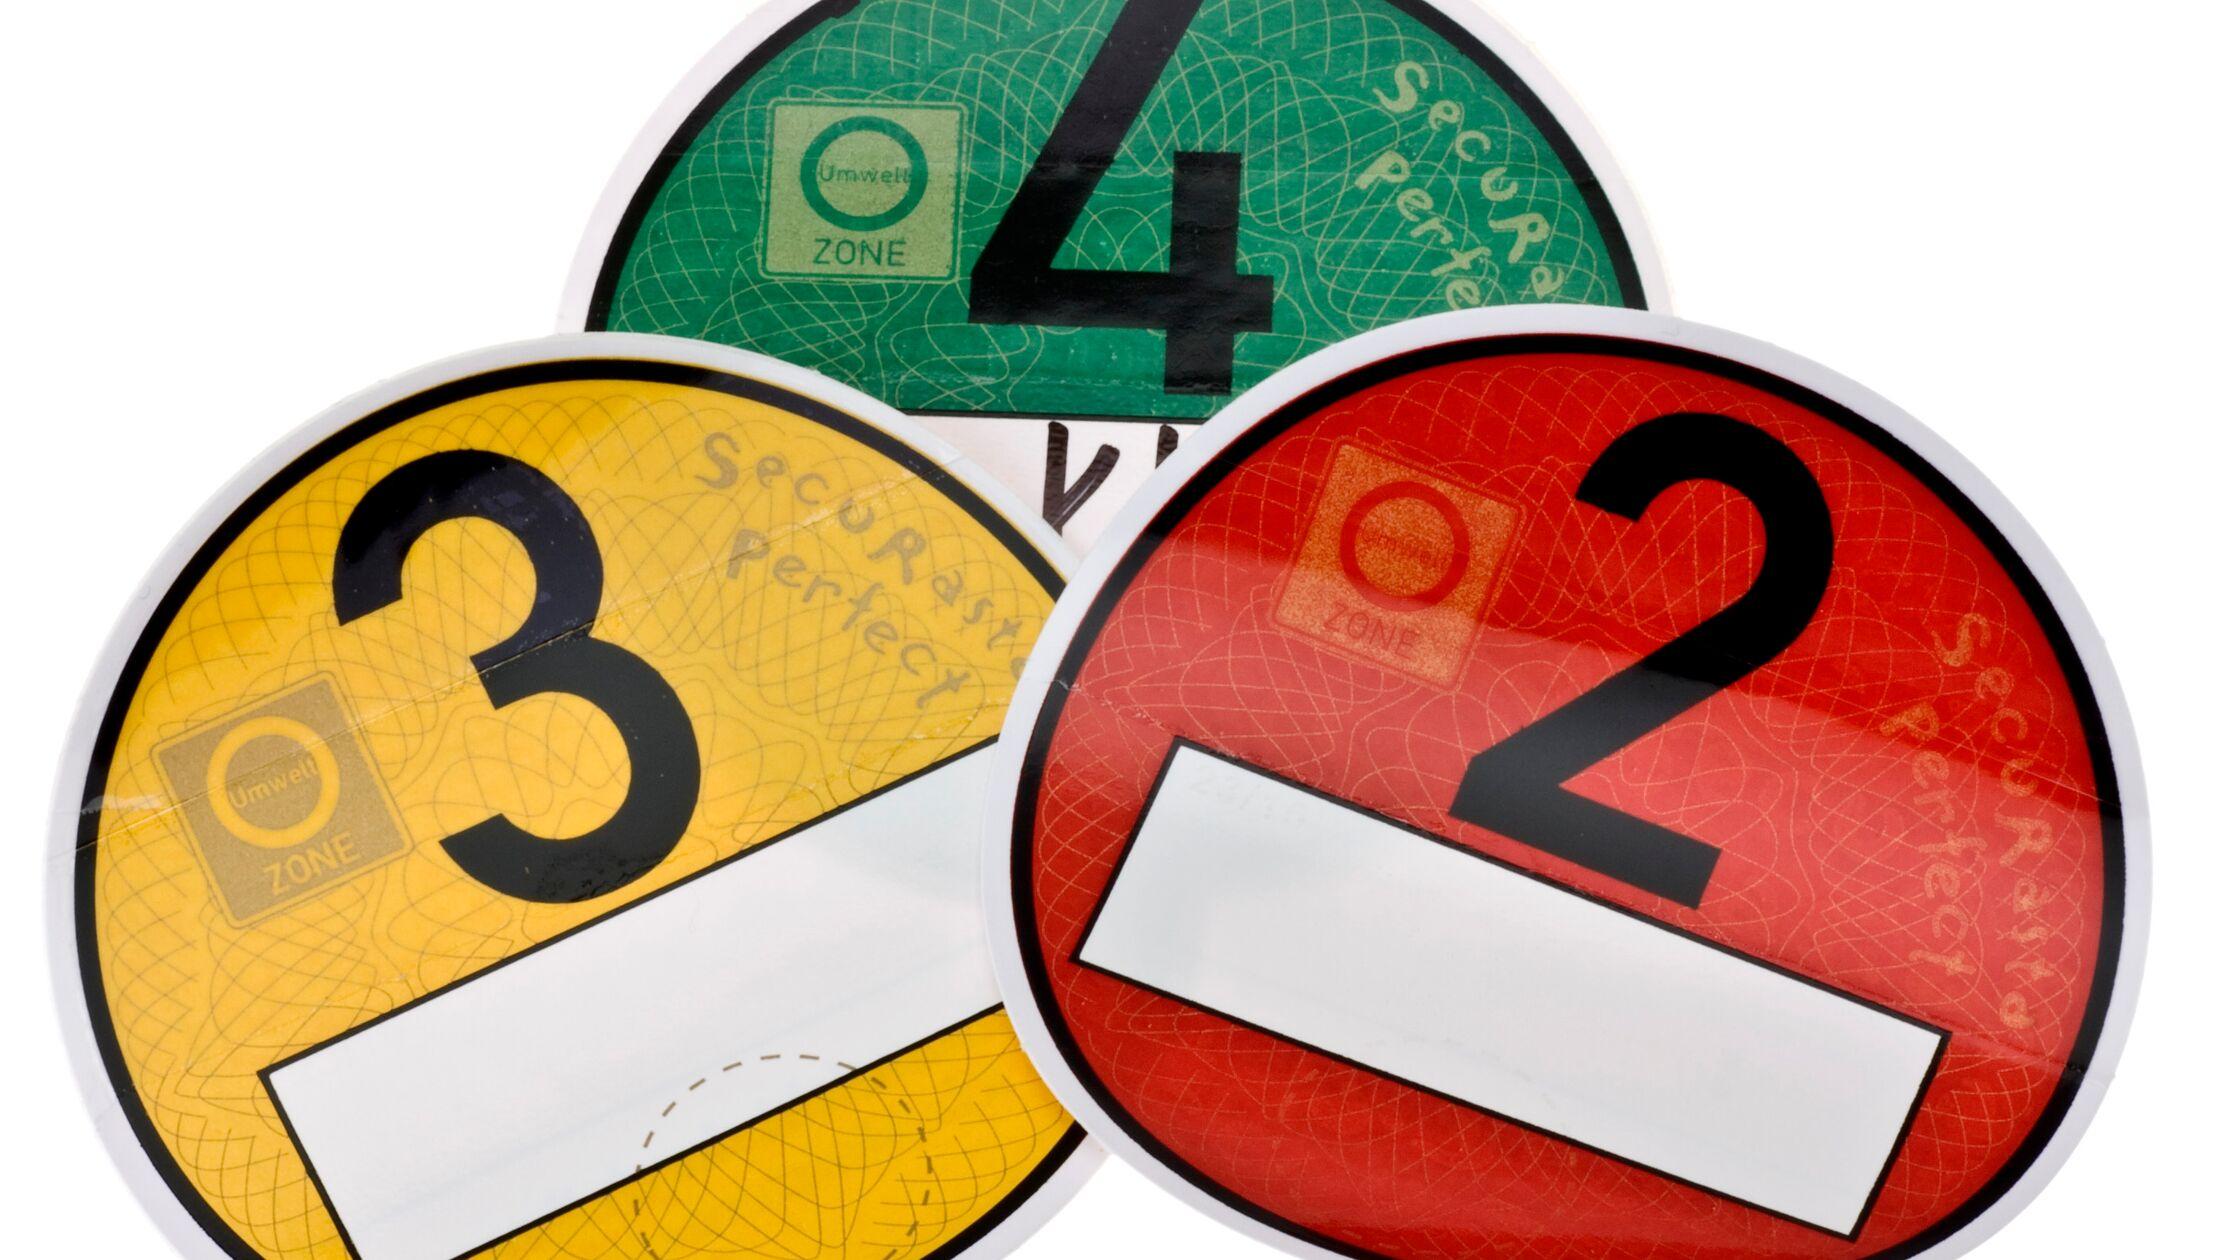 Umweltplaketten in den Farben Grün, Gelb und Rot